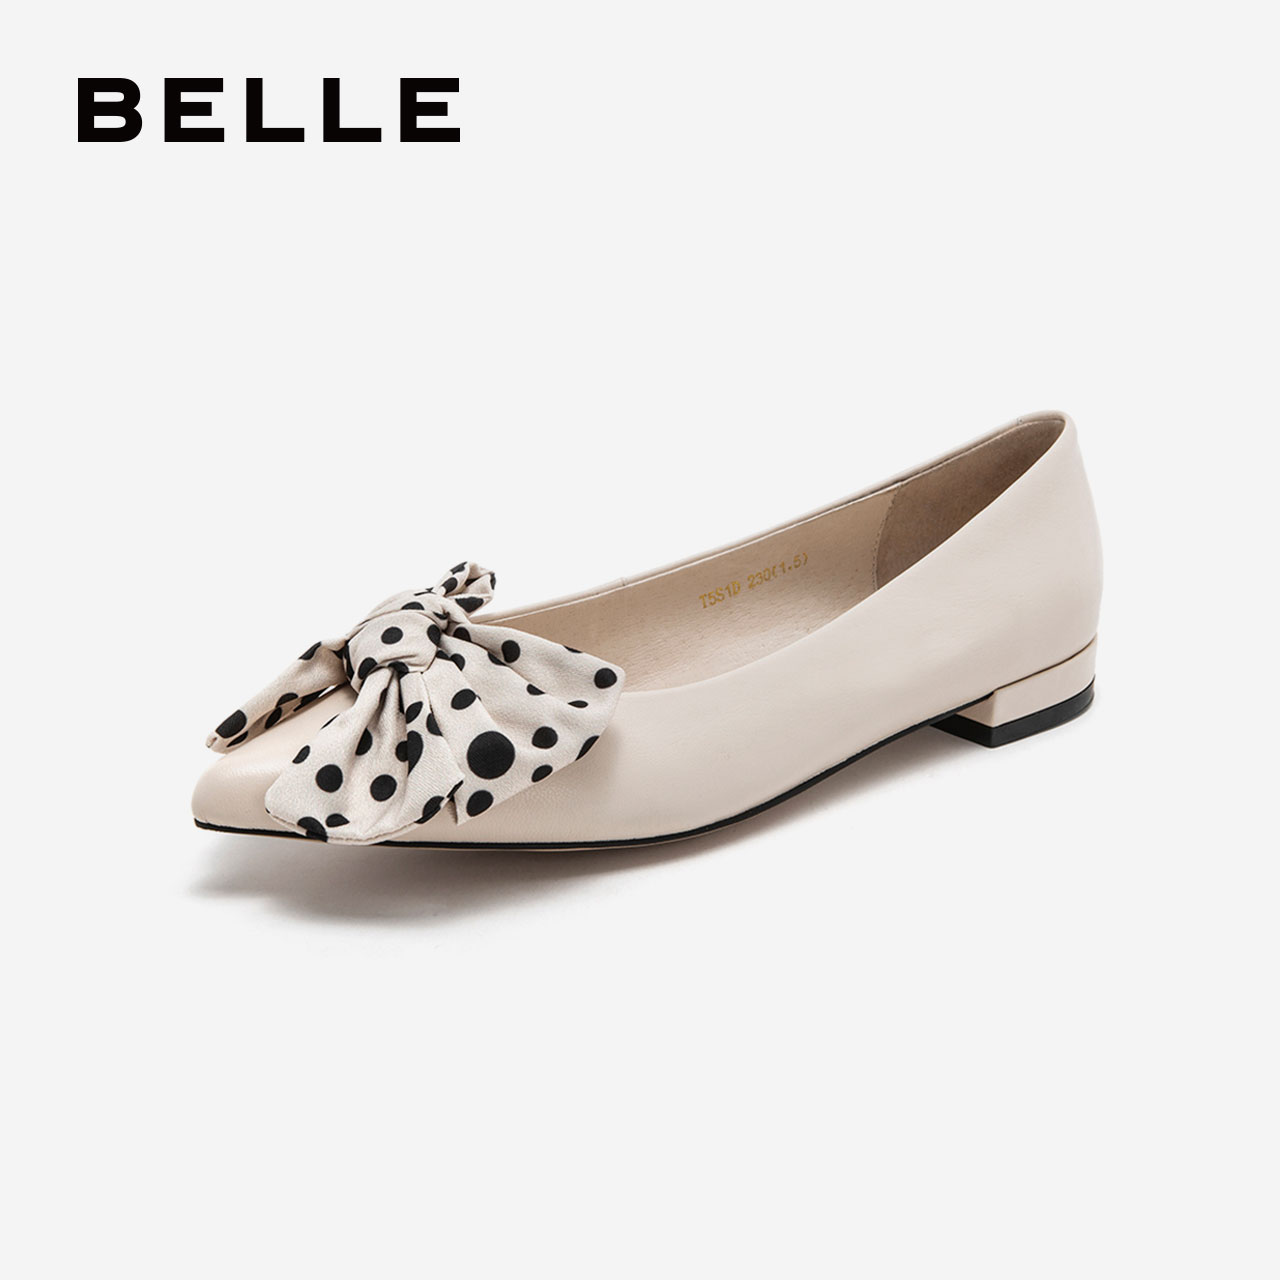 百丽单鞋女婚鞋2019春新商场同款仙女蝴蝶结粗跟休闲鞋T5S1DAQ9